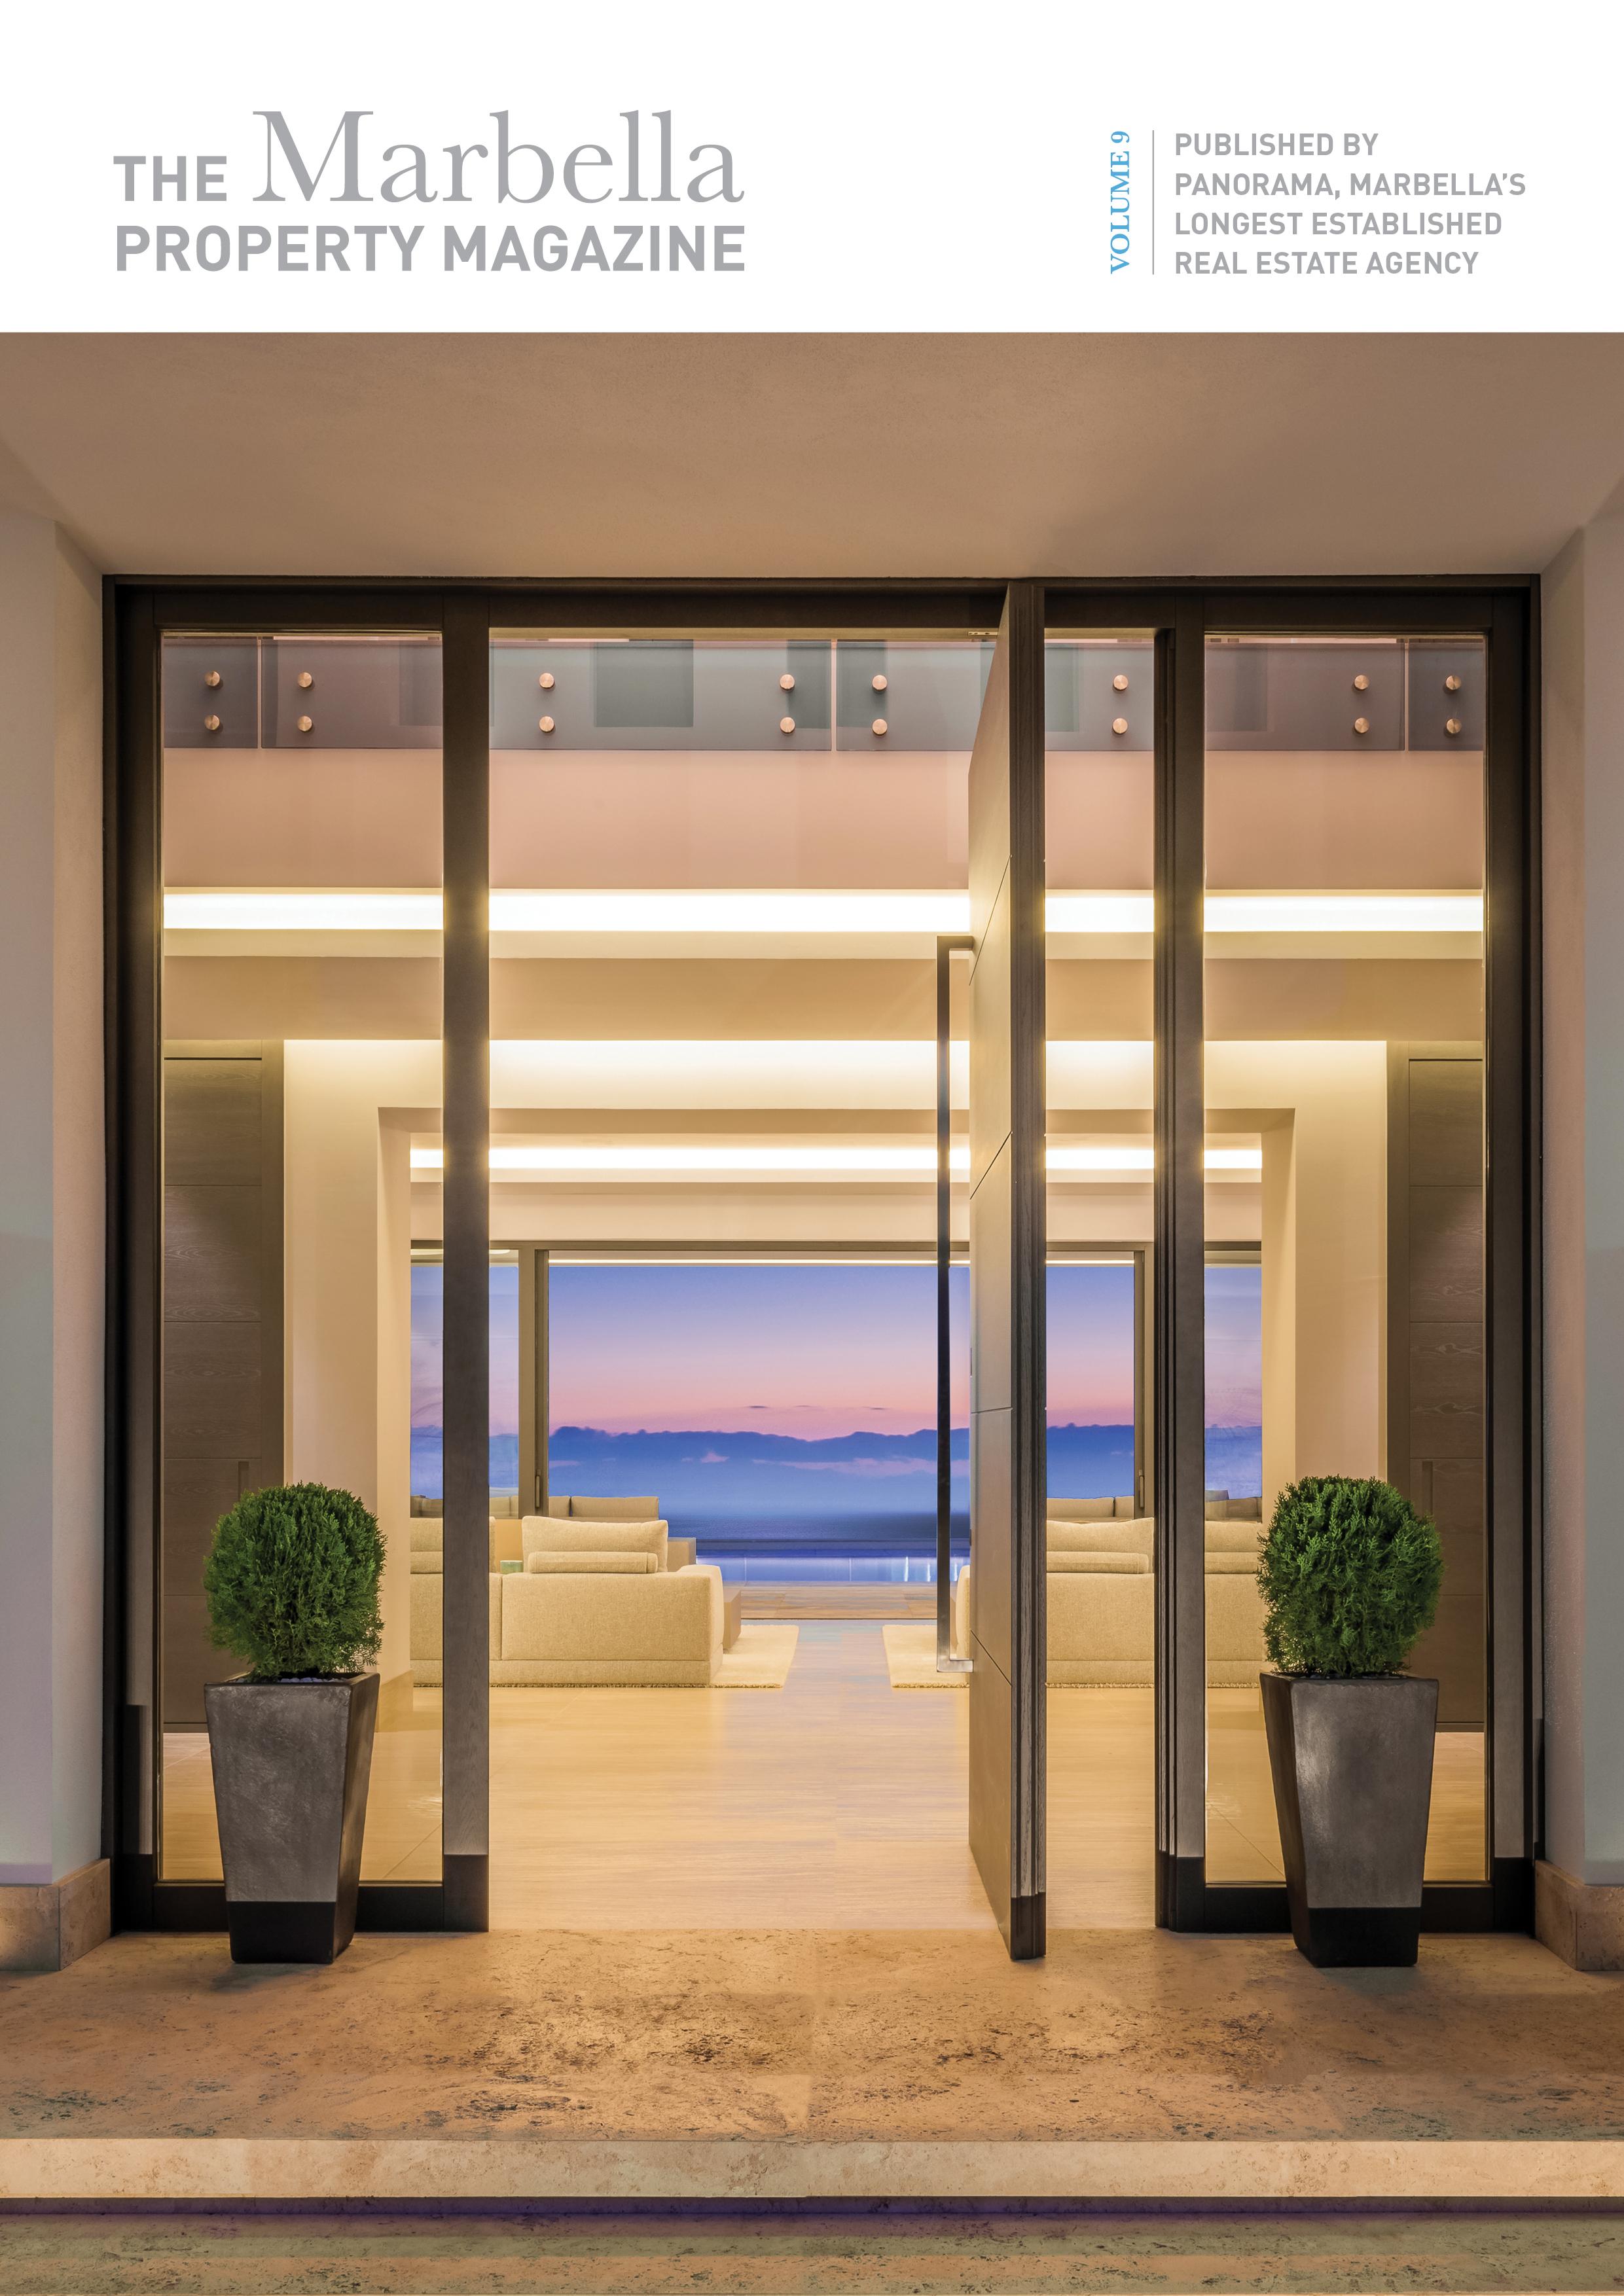 2017 Cover, The Marbella Property Magazine